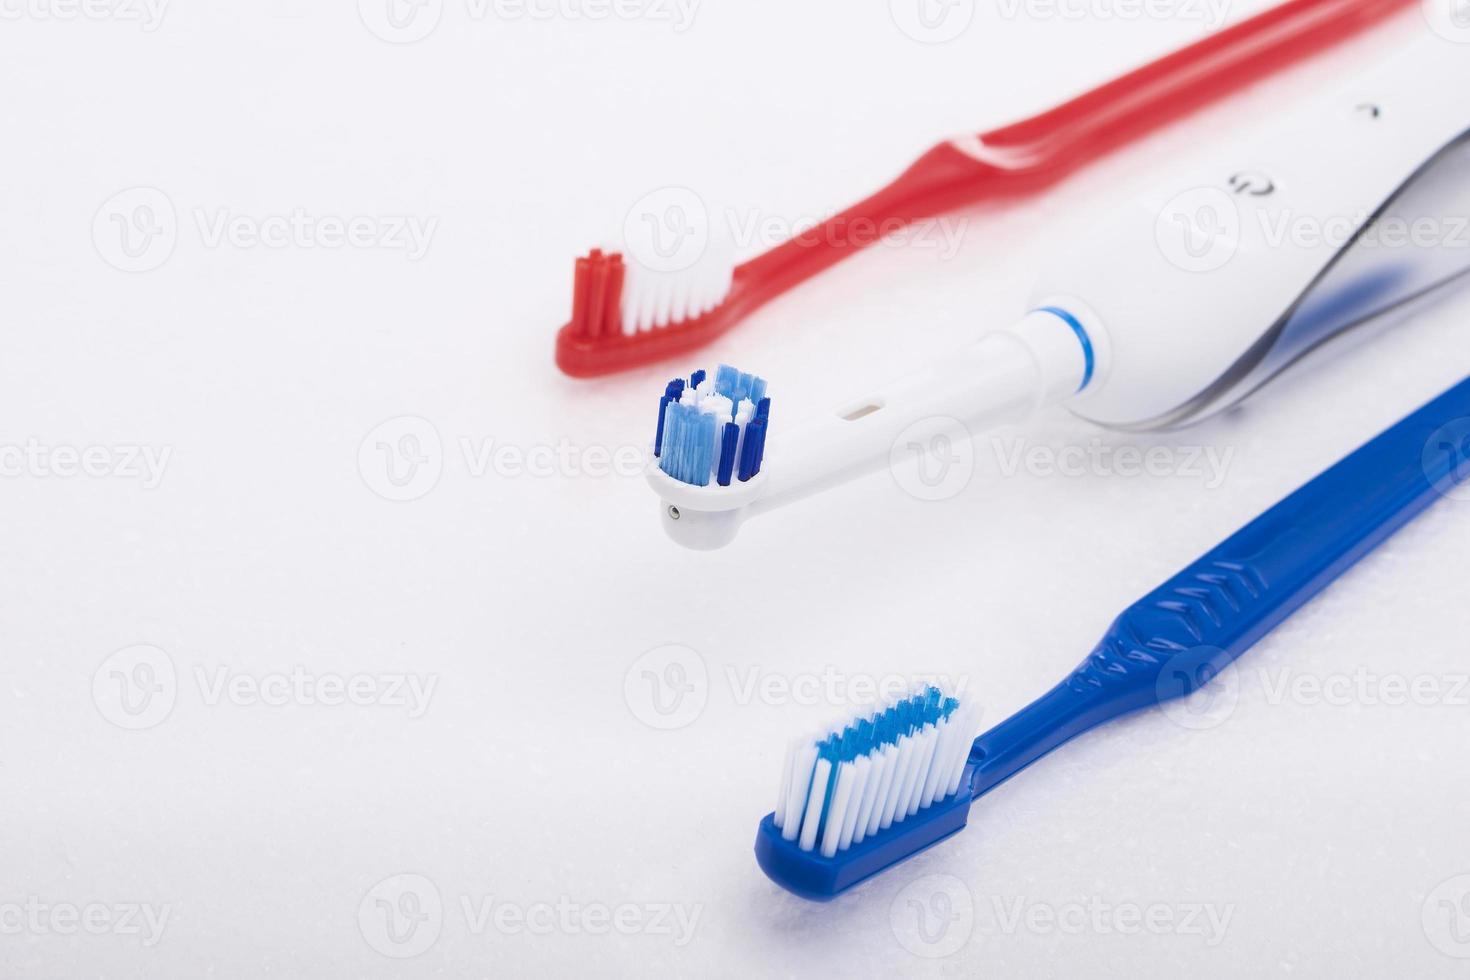 produits dentaires pour l'hygiène bucco-dentaire sur blanc photo